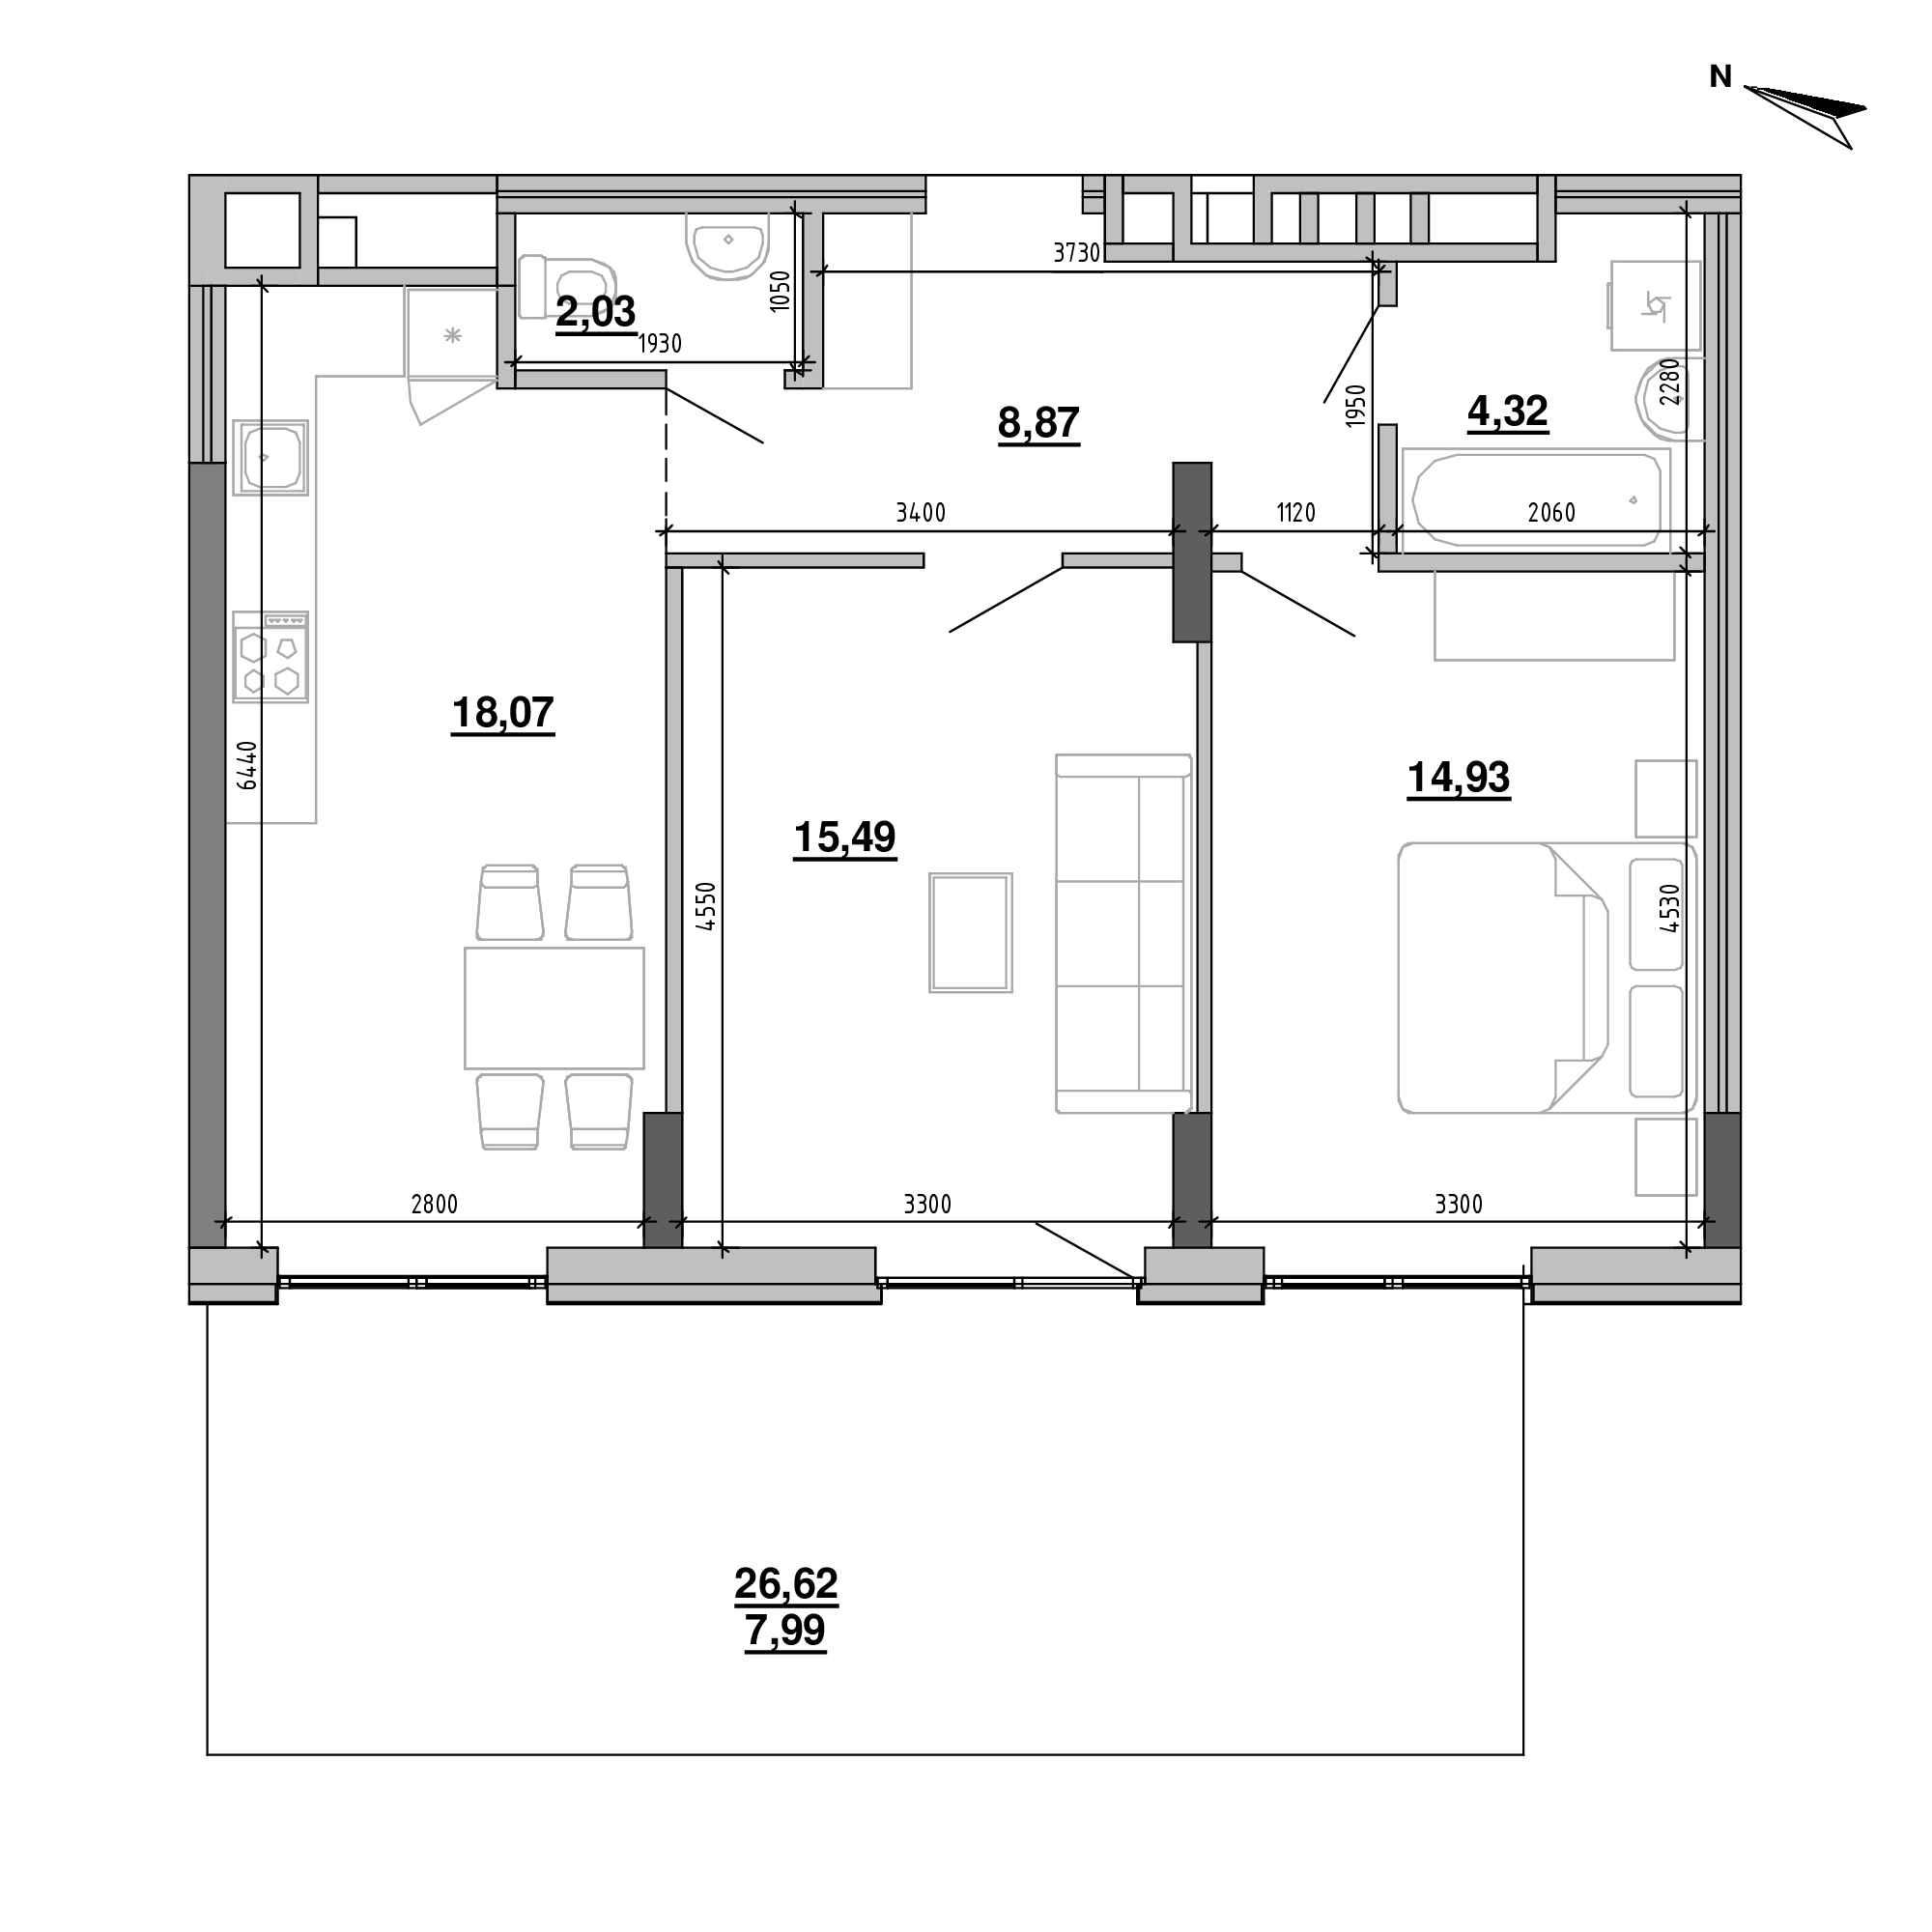 ЖК Підзамче. Брама: планування 2-кімнатної квартири, №4, 71.7 м<sup>2</sup>